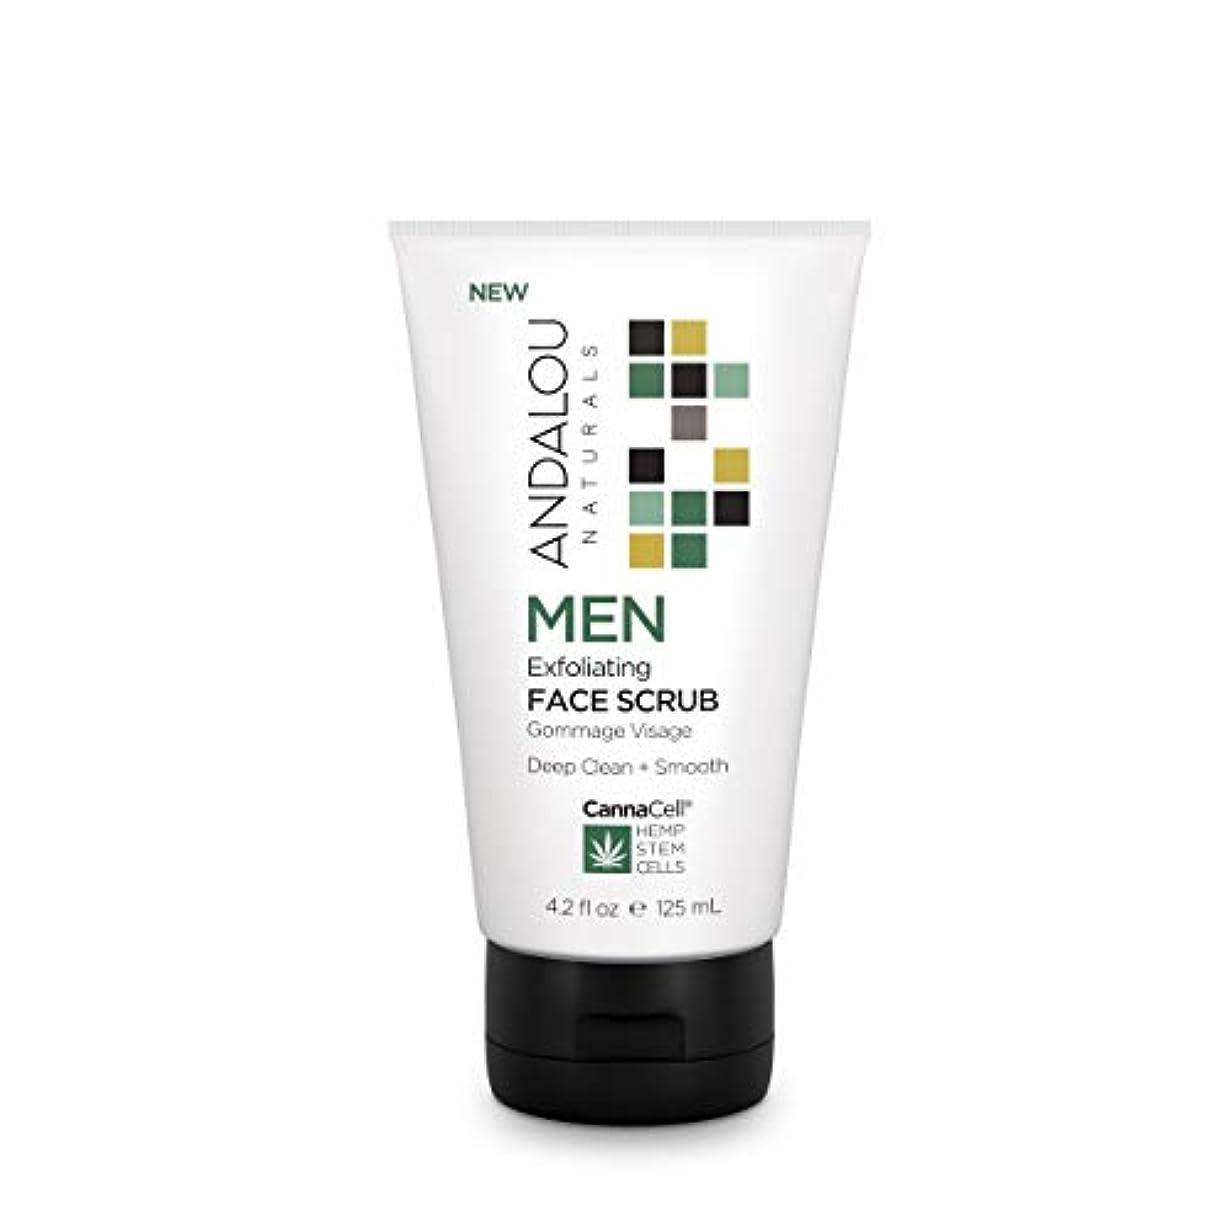 パース可能ミュートオーガニック ボタニカル 洗顔料 スクラブ洗顔 ナチュラル フルーツ幹細胞 ヘンプ幹細胞 「 MEN エクスフォリエーティングフェイススクラブ 」 ANDALOU naturals アンダルー ナチュラルズ